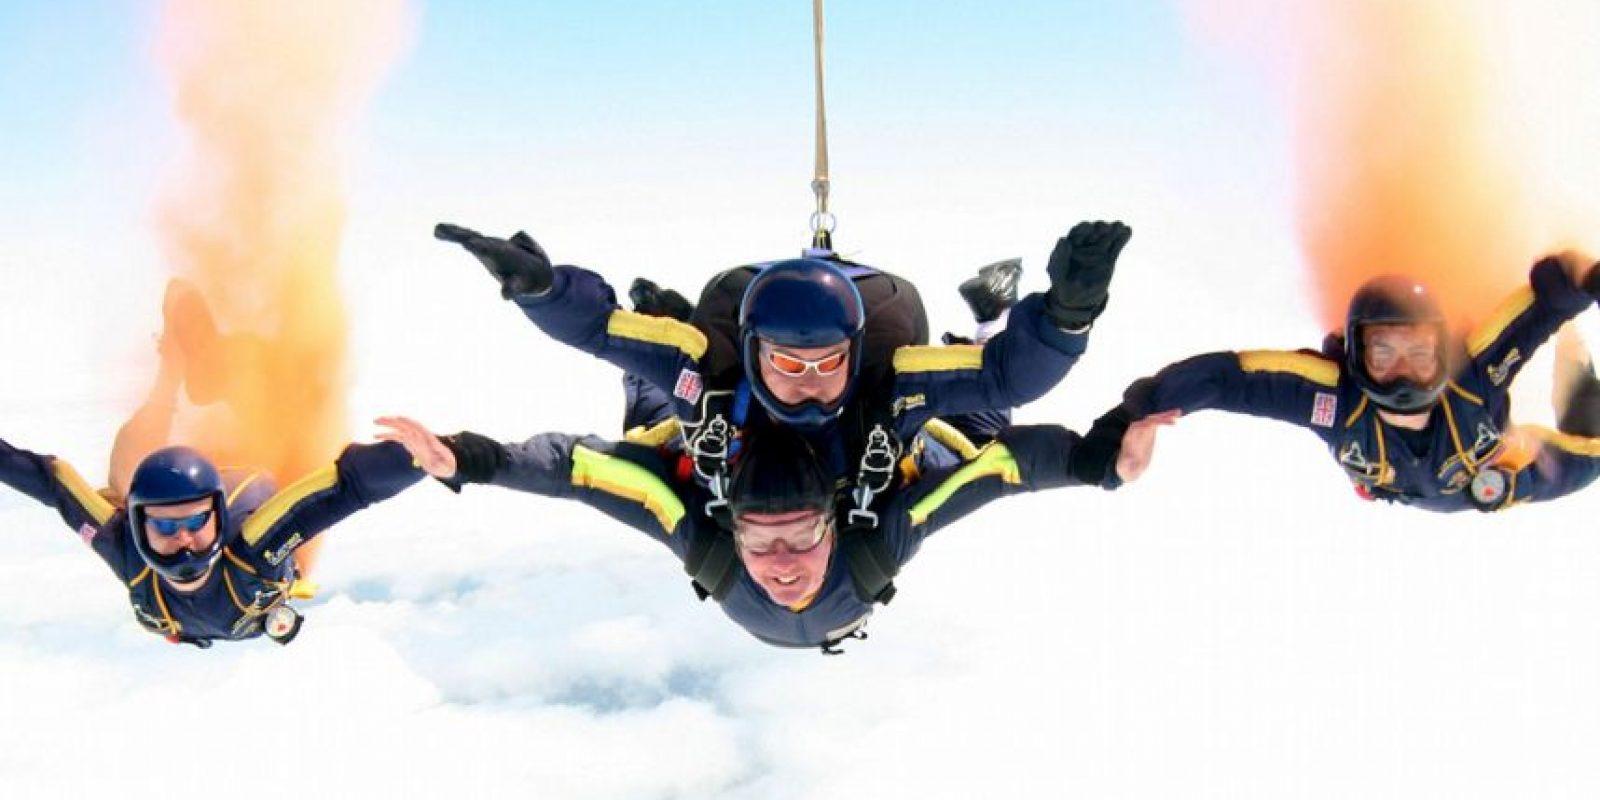 Debe abstenerte de saltar en caso de padecer alguna enfermedad cardiaca, epilepsia, asma o si recientemente se realizó alguna cirugía Foto:Getty Images